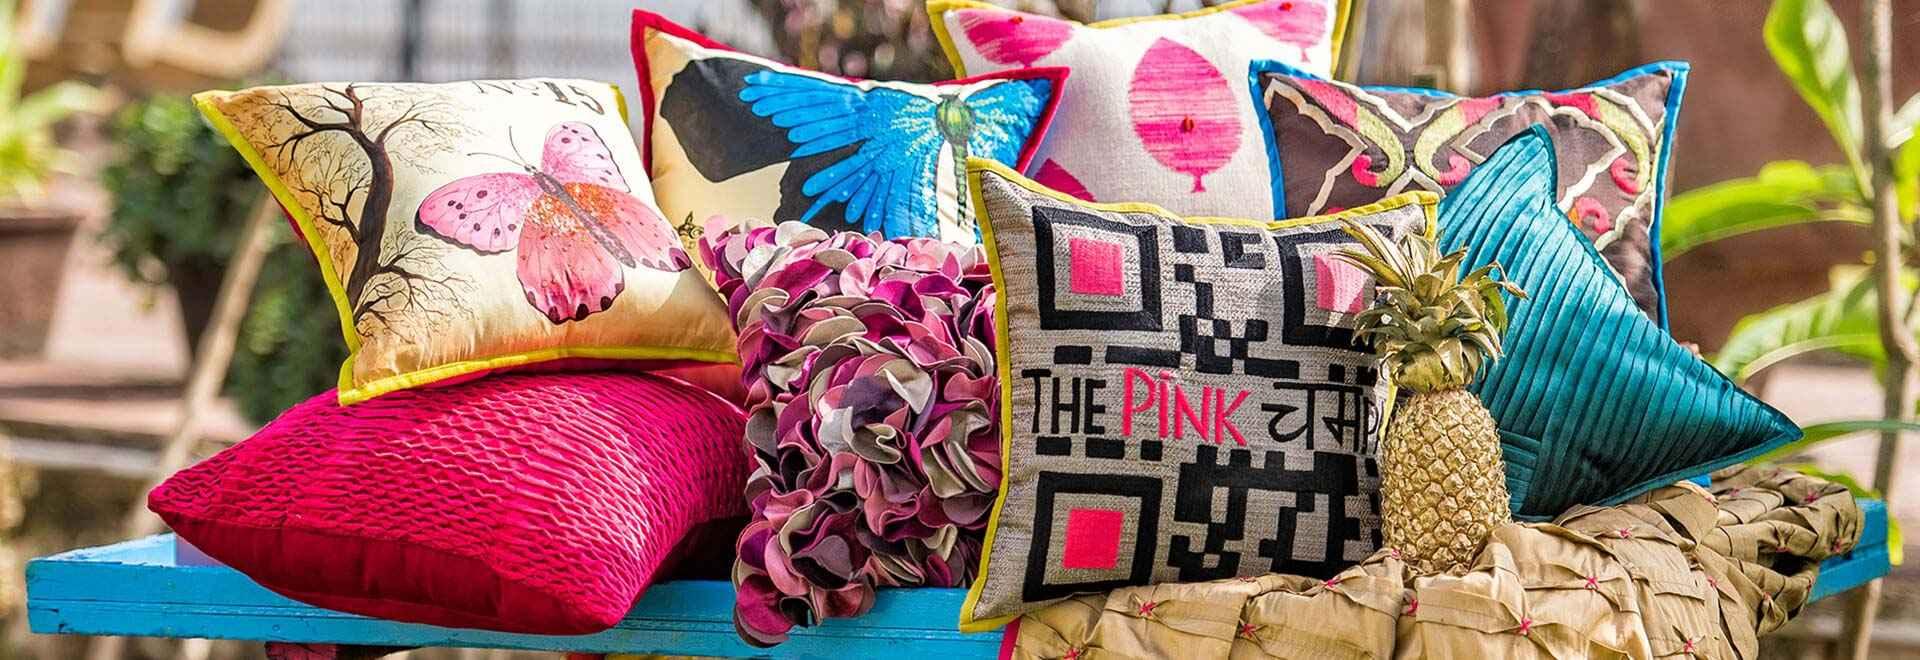 Pink Champa